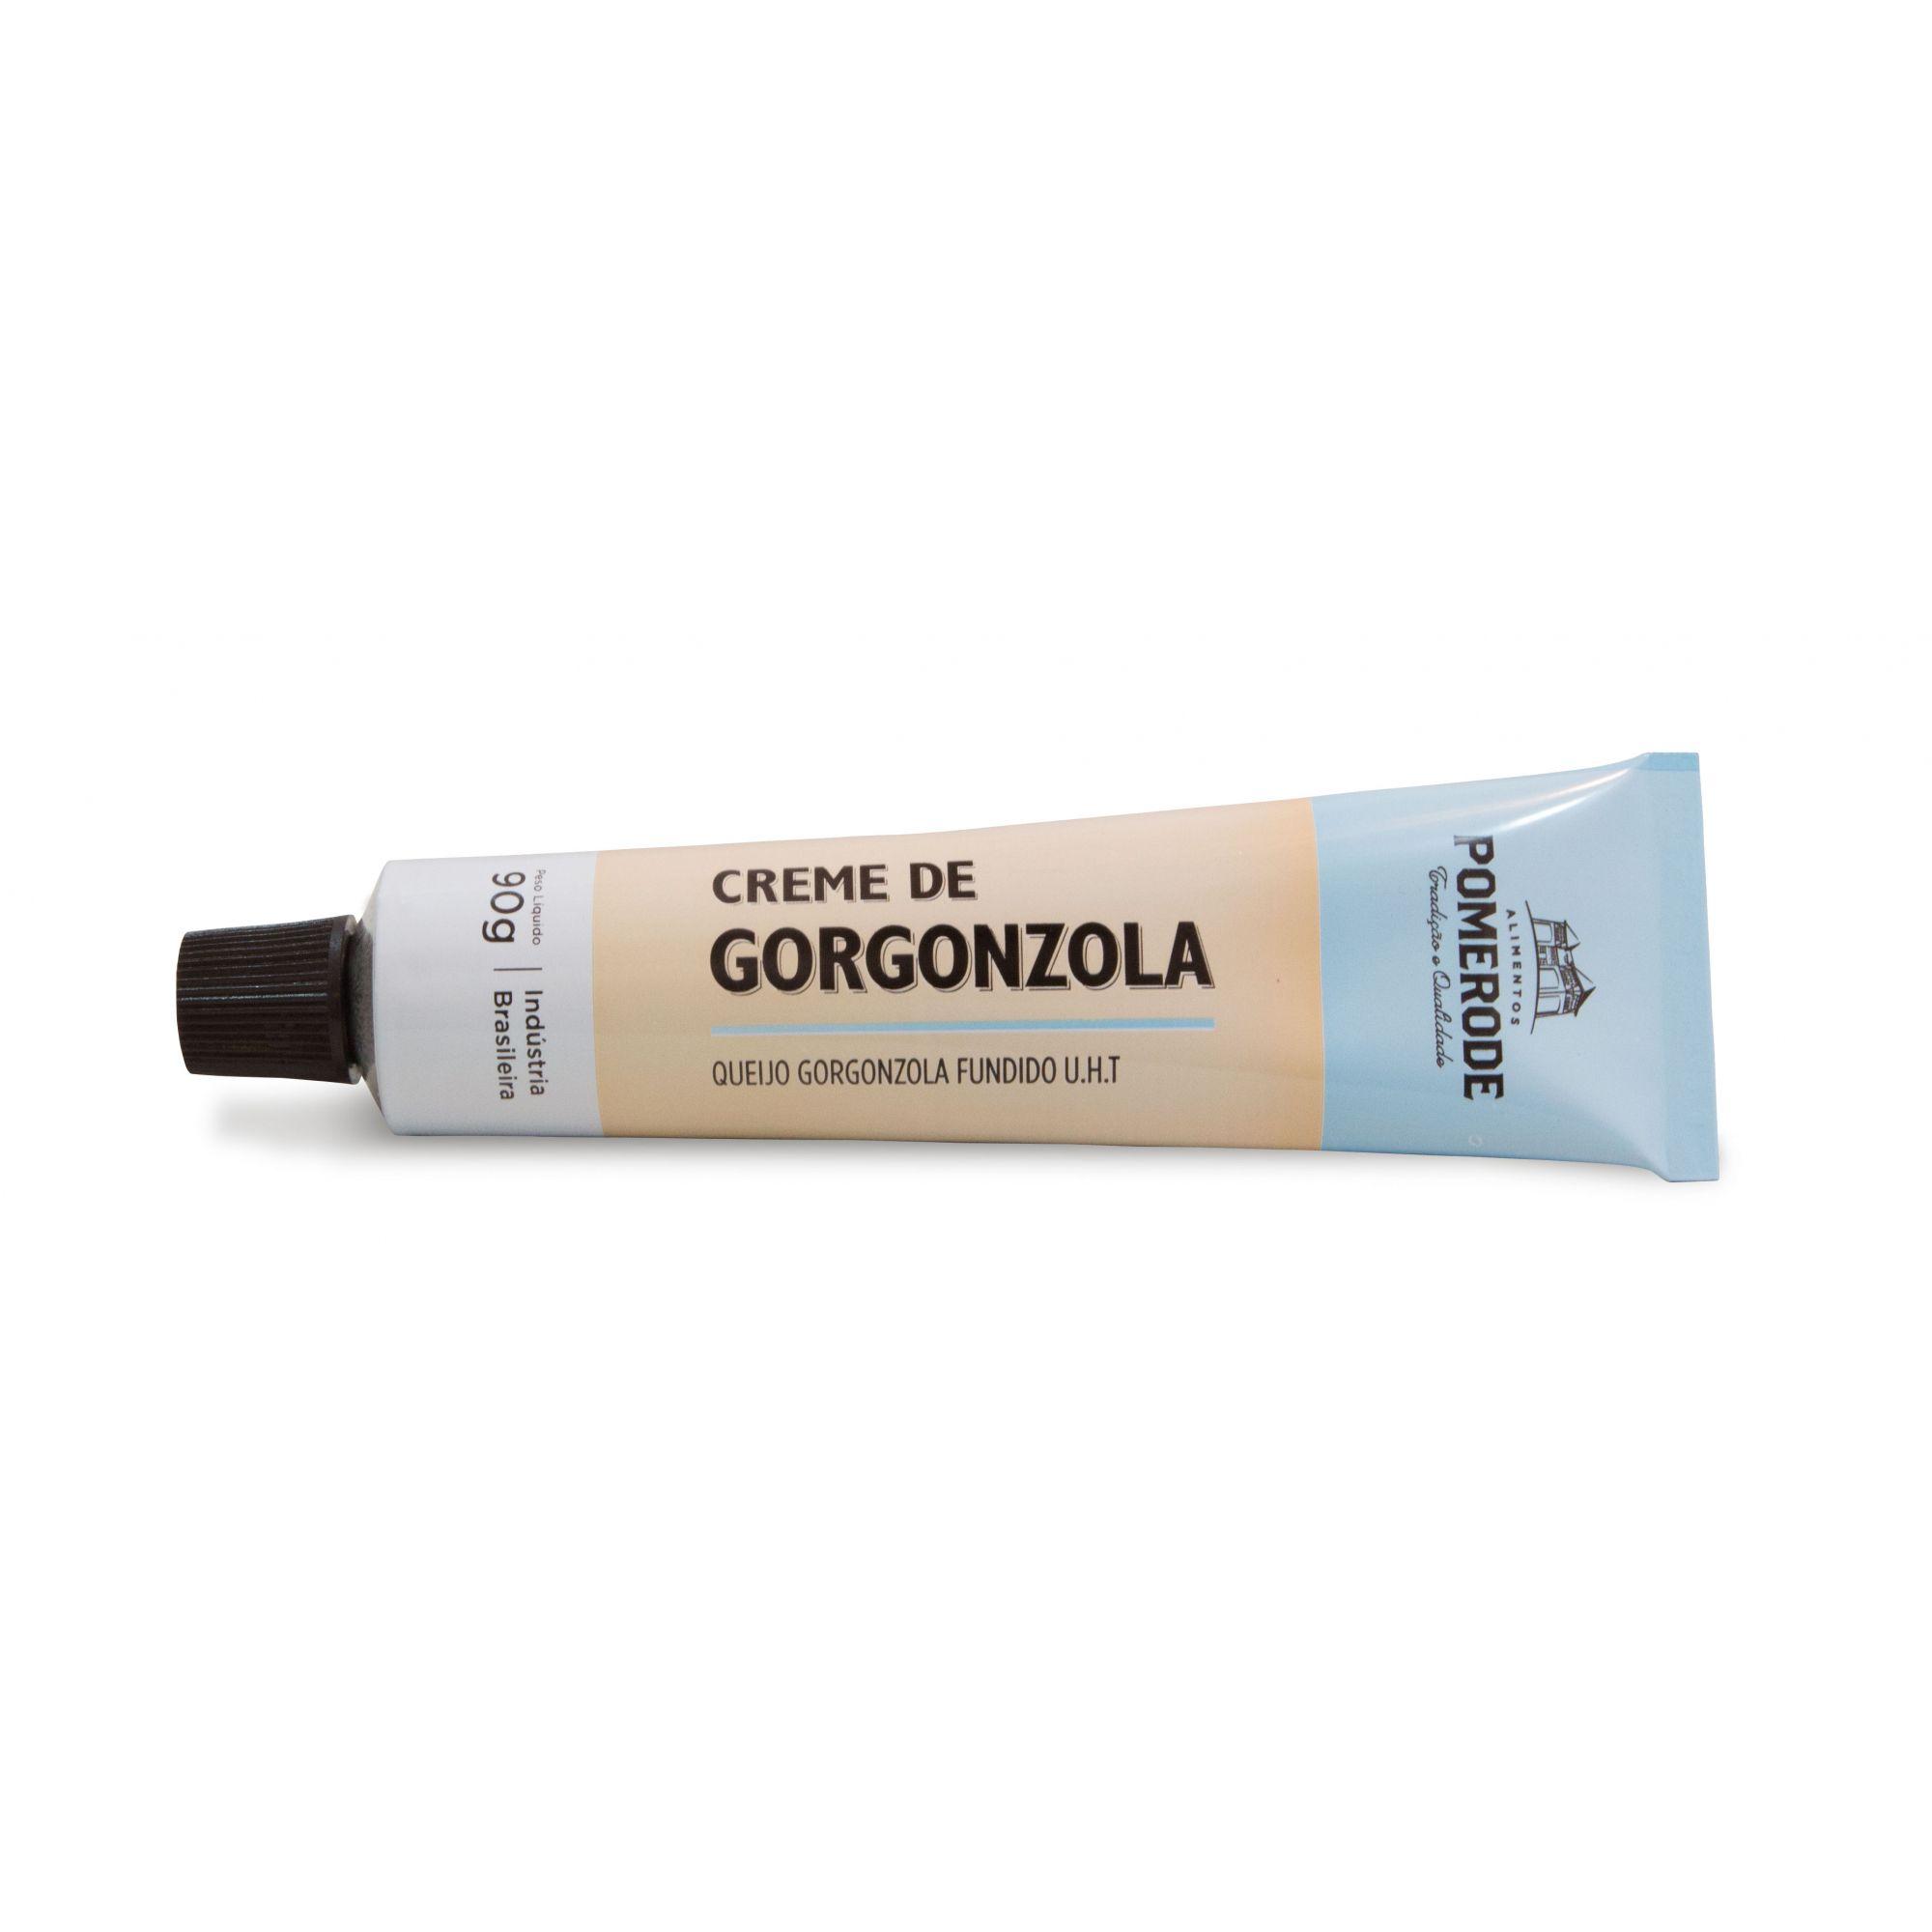 Creme de Gorgonzola 90g